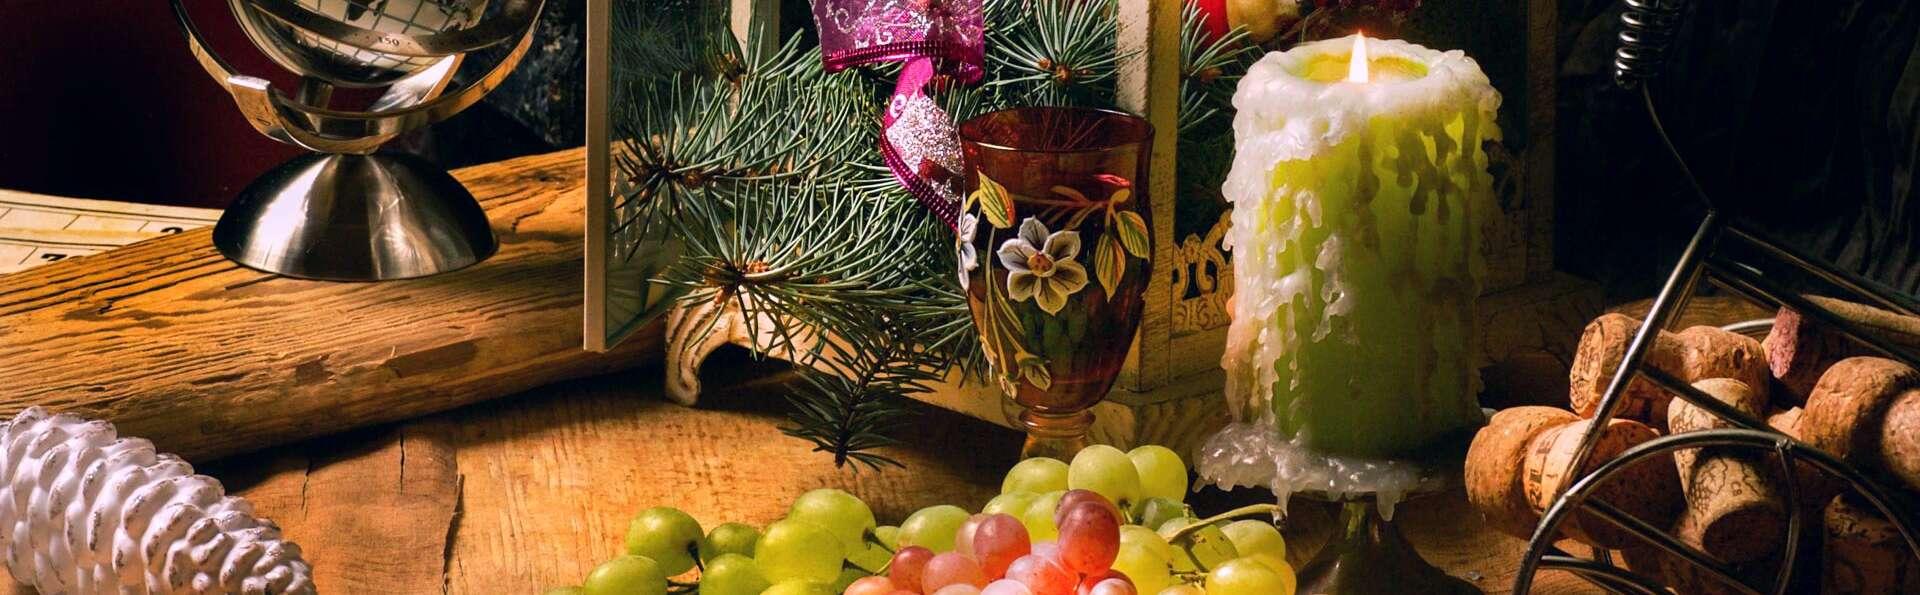 Découvrez le marché de Noël de Maastricht et séjournez dans un nouvel hôtel de luxe